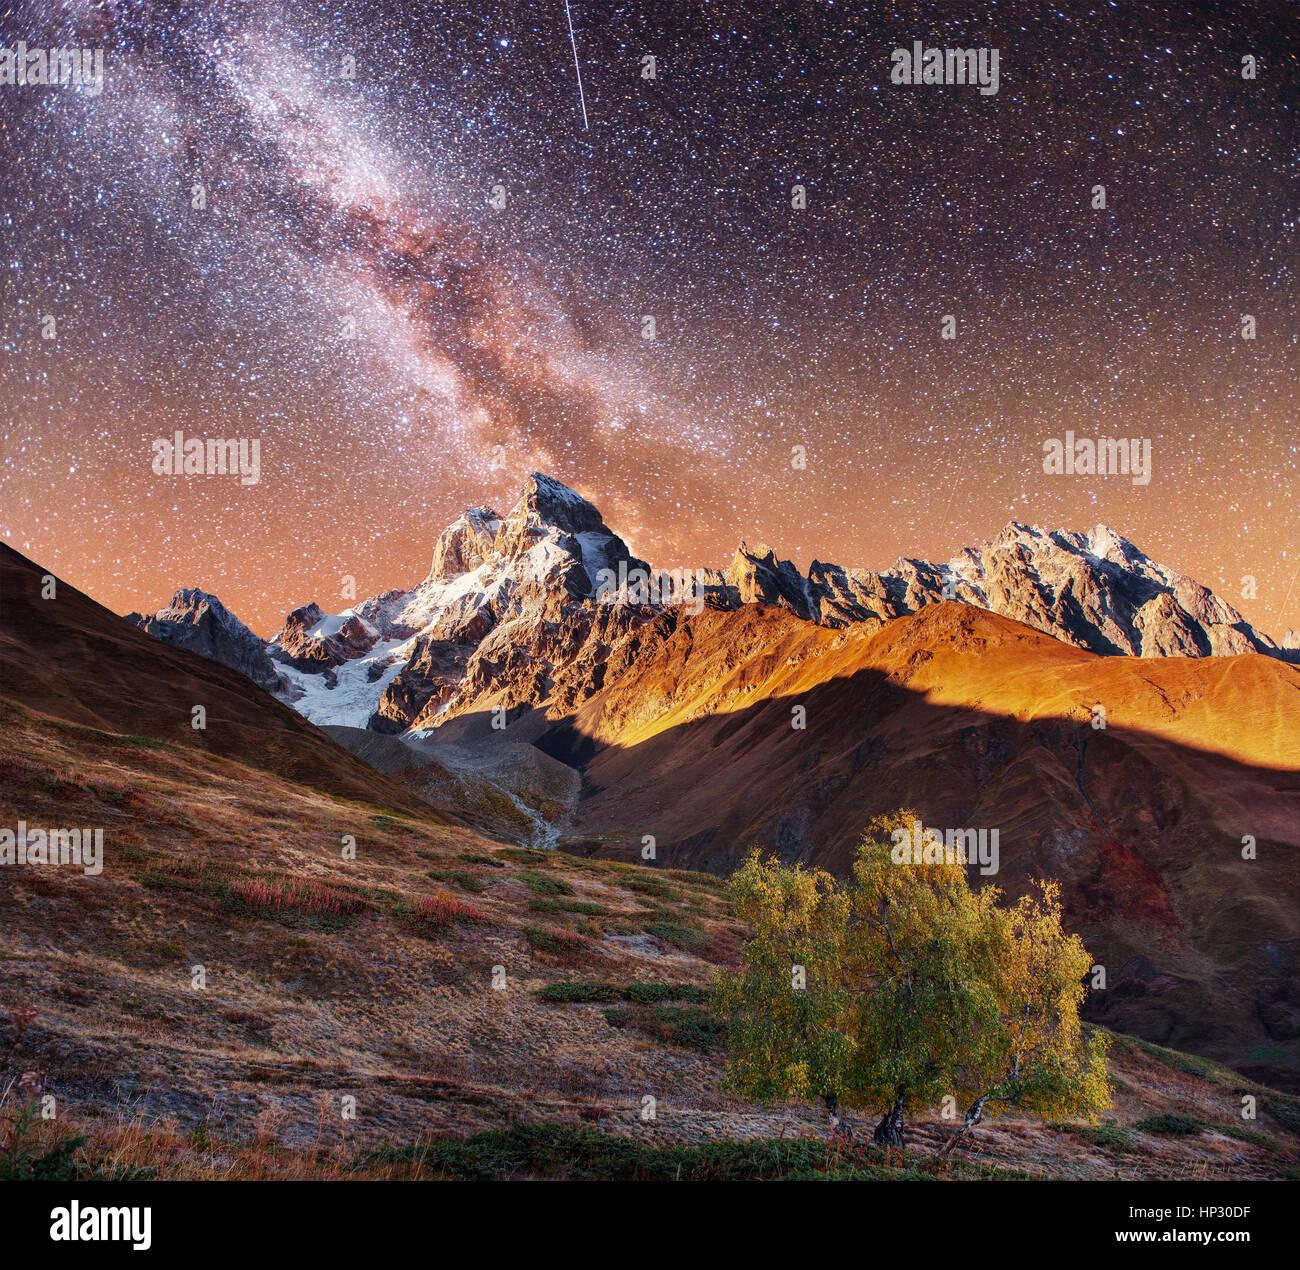 Collage fantastique. Ciel étoilé au-dessus de sommets de montagnes enneigées. Photo Stock